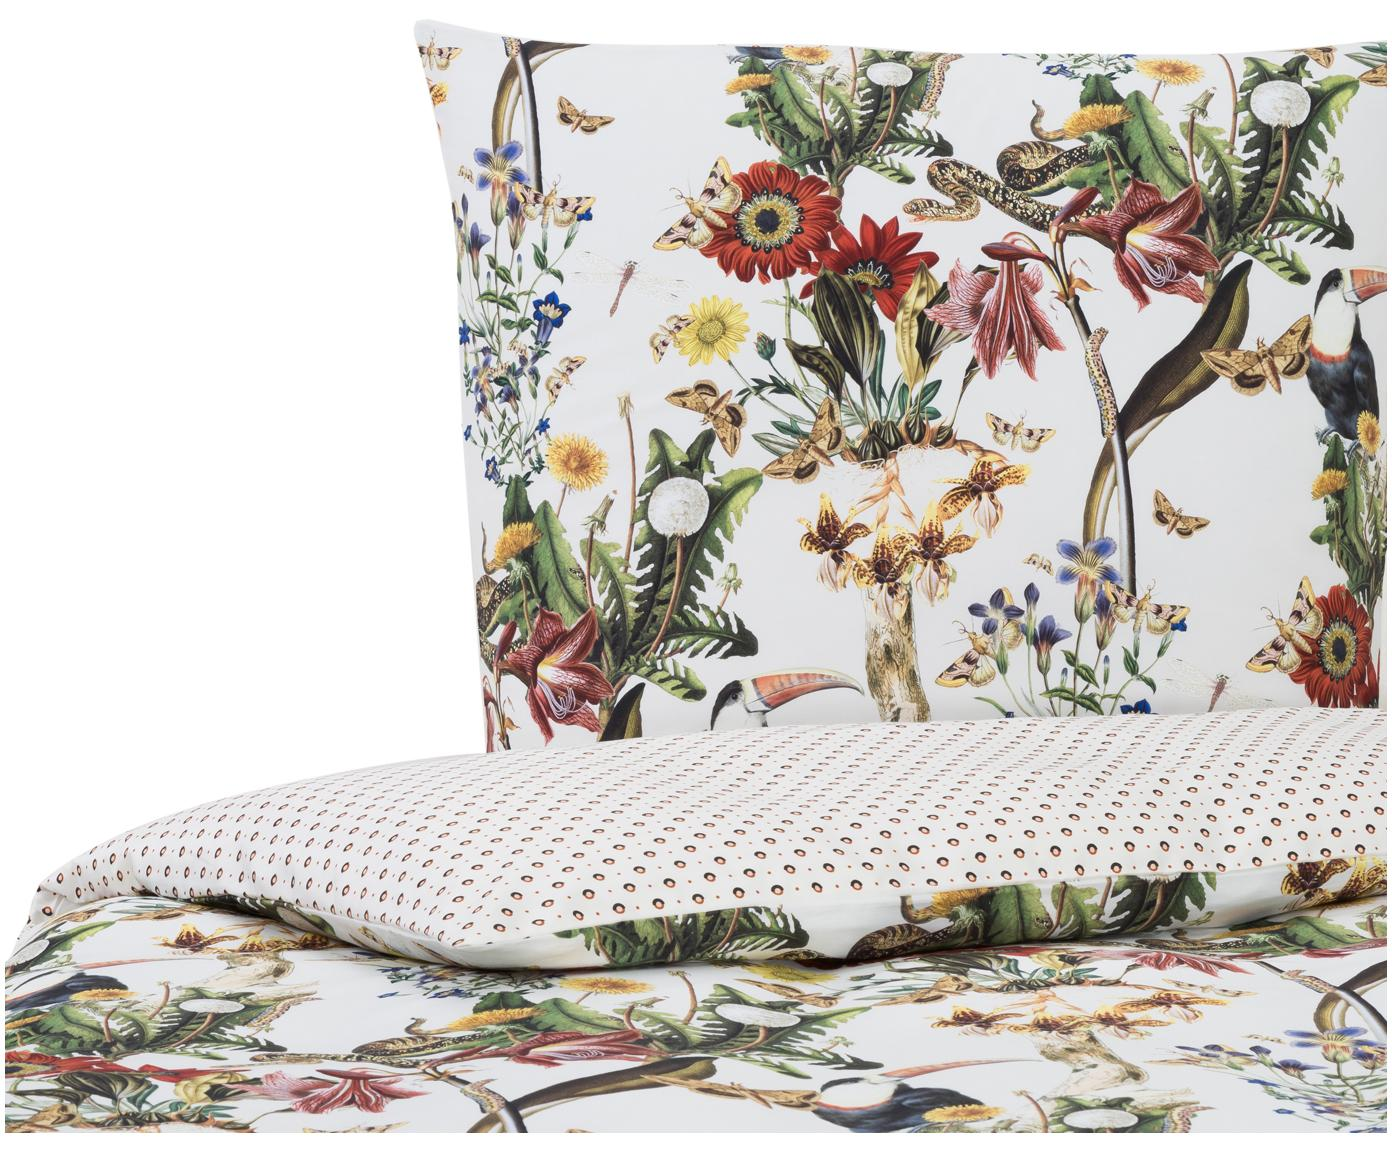 Baumwollsatin-Wendebettwäsche Airen mit Blumen-Muster, Webart: Satin Fadendichte 300 TC,, Ecru, 135 x 200 cm + 1 Kissen 80 x 80 cm